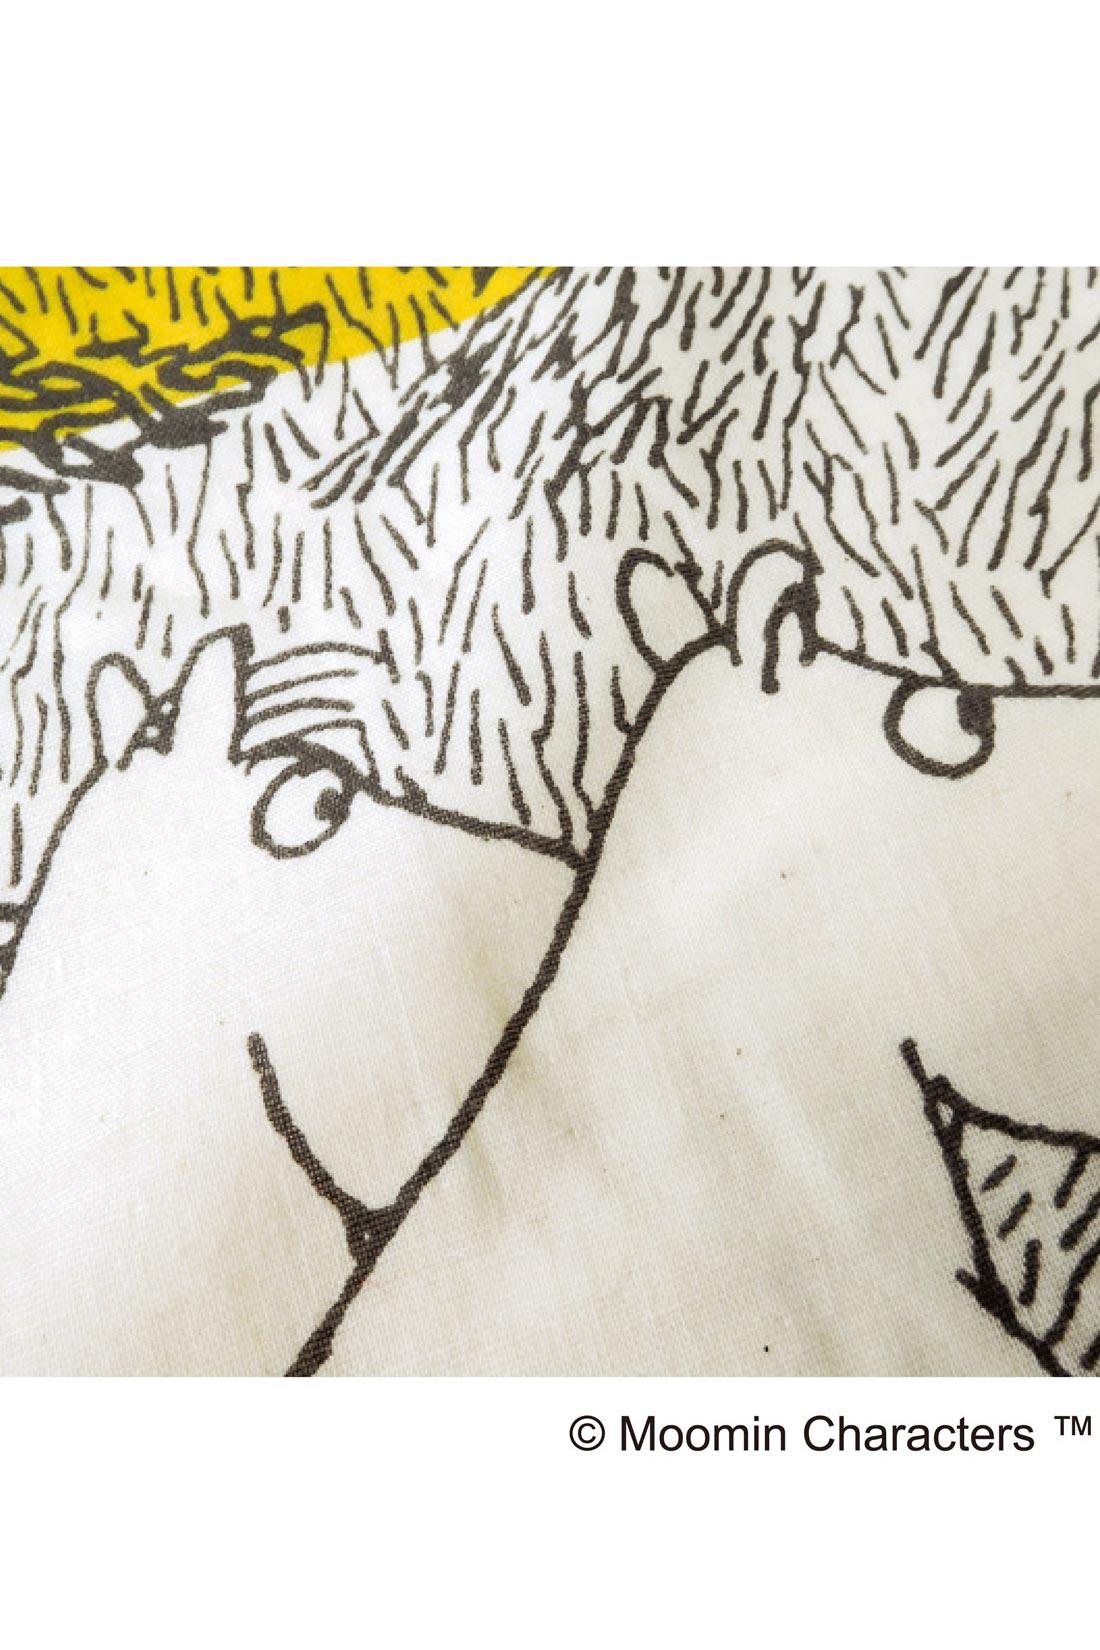 「綿カス」と呼ばれる、綿の葉っぱや茎の破片。漂白していない生成りの生地を使っているためで、ゴミではありませんので、ご安心を。